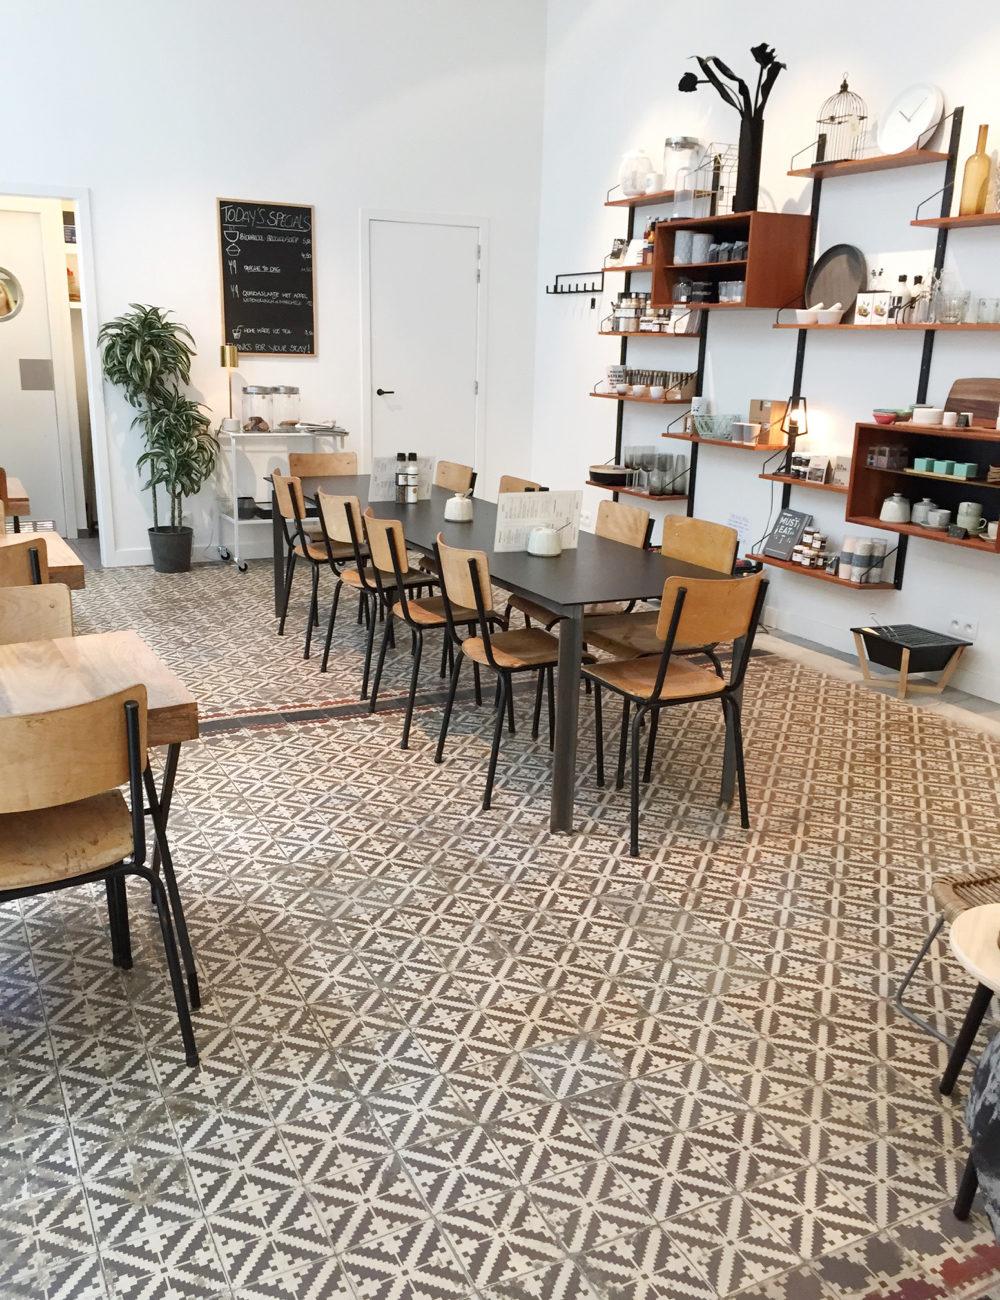 Cafe in Antwerpen